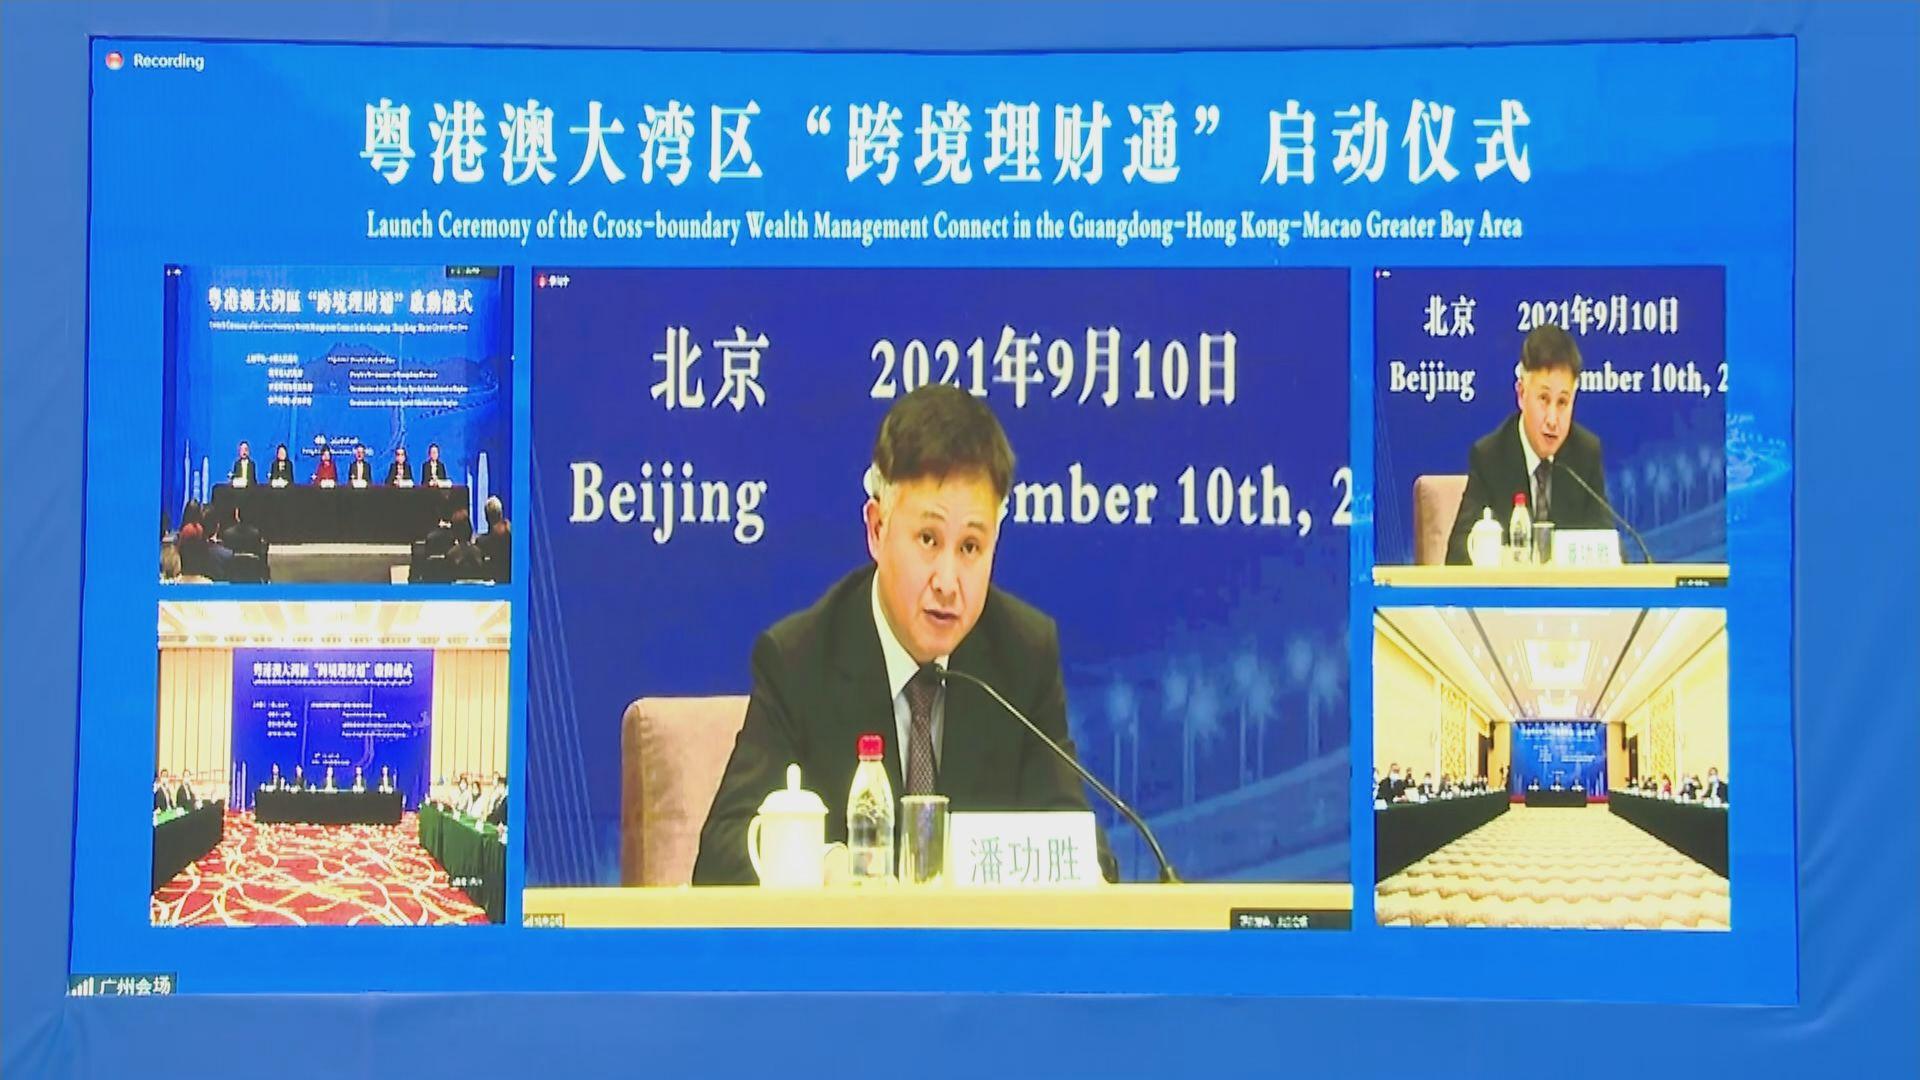 【「跨境理財通」啟動】人行潘功勝:提升中國金融市場